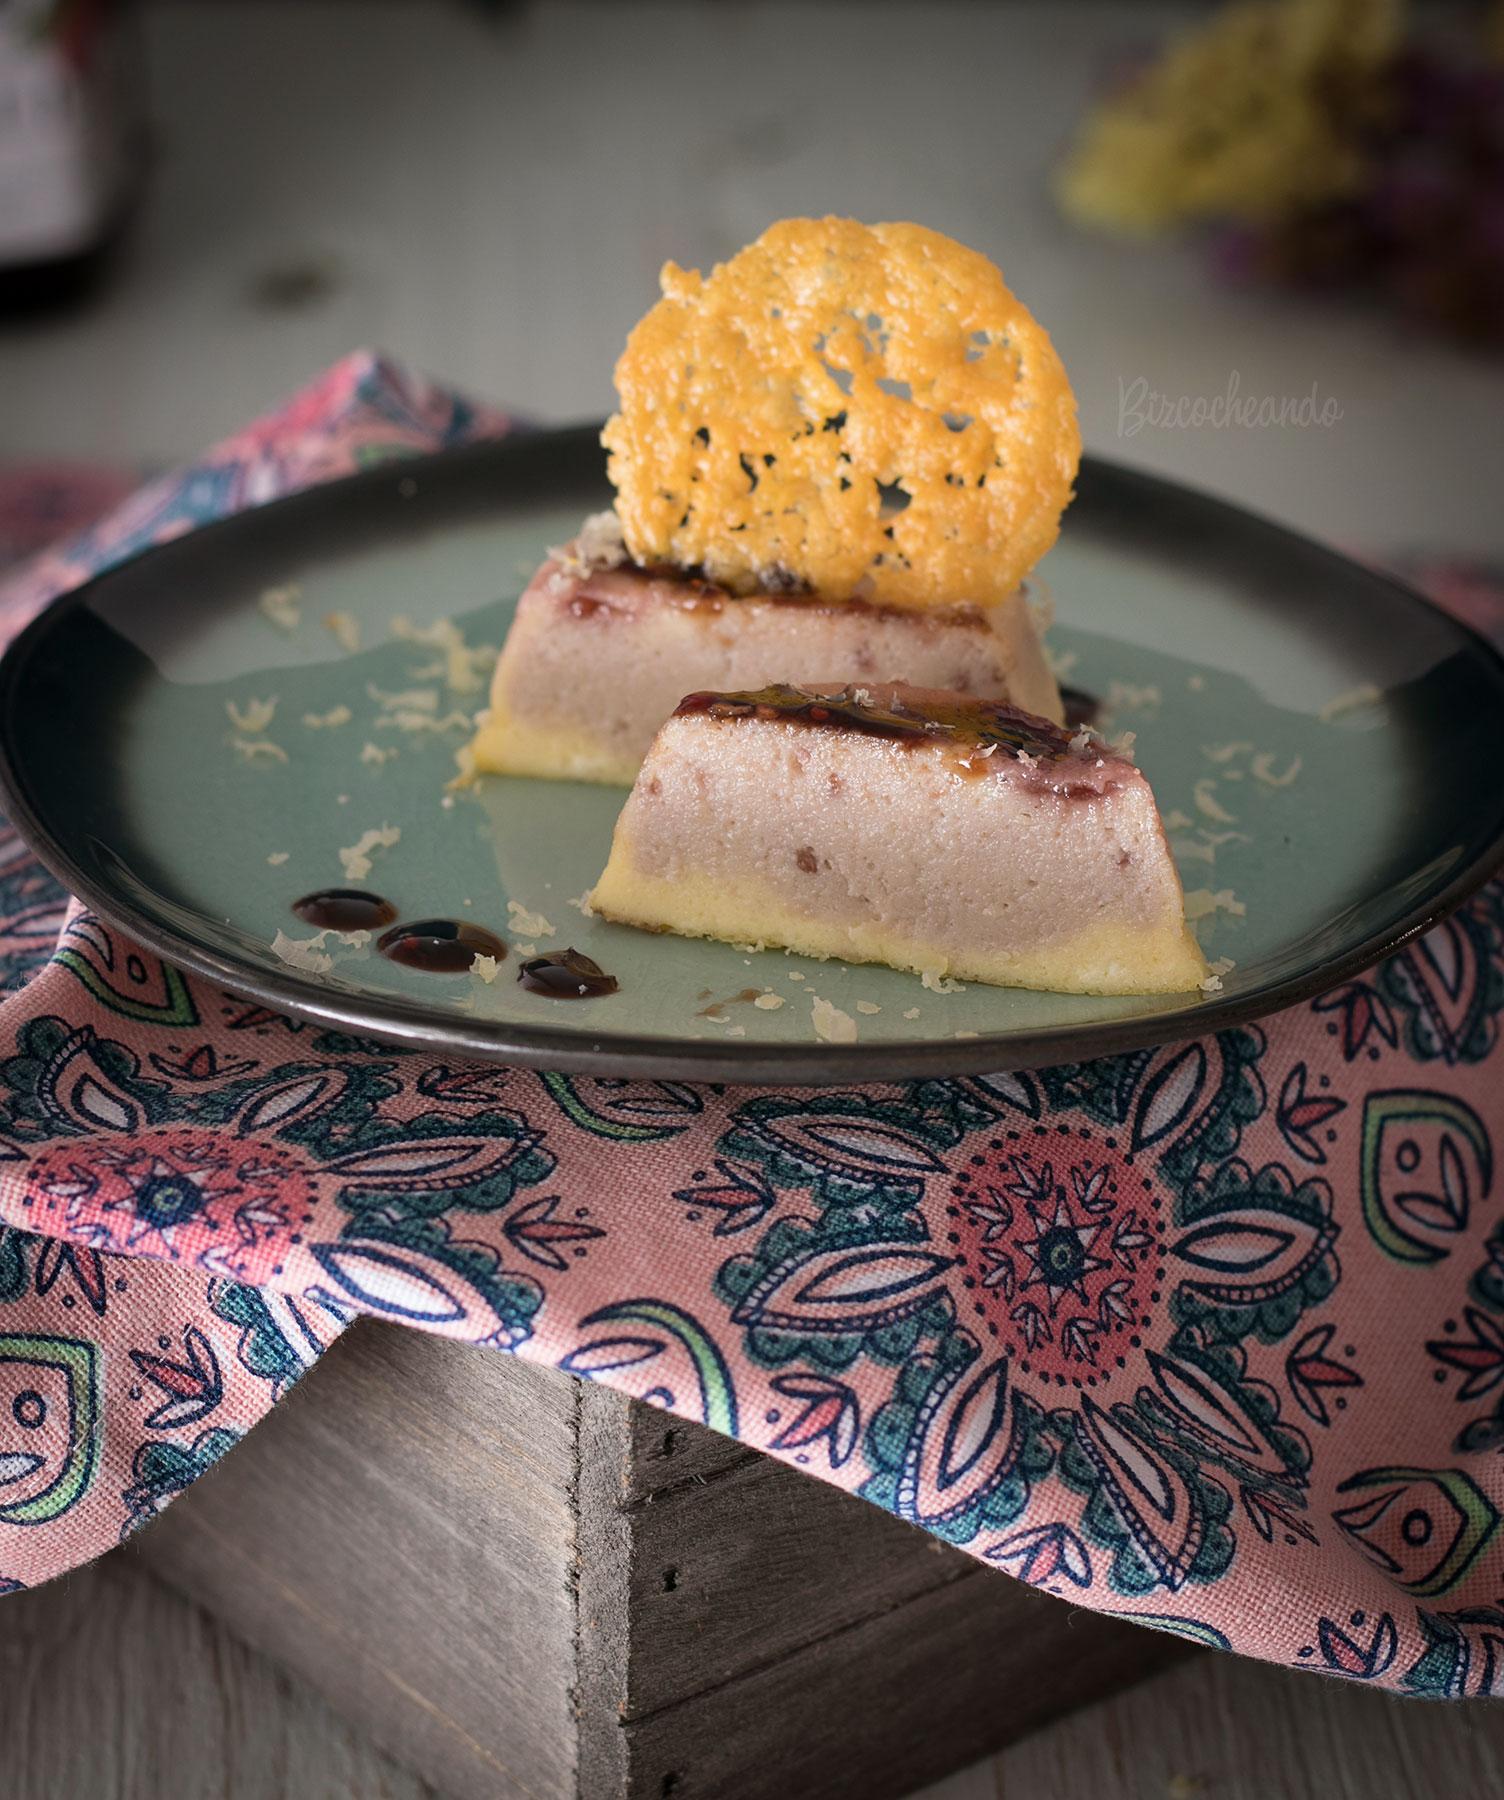 Ven a nuestra mesa, Colaboración Navideña 2018 Pasteles de confitura de Frambuesa y queso